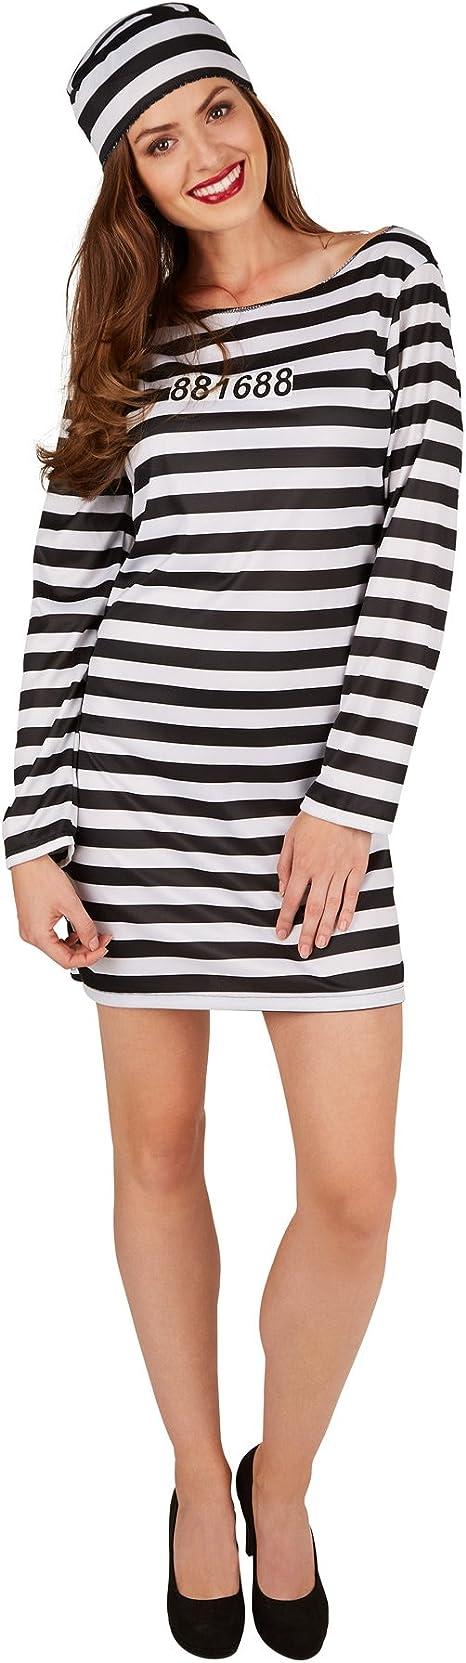 TecTake dressforfun Disfraz para Mujer de Presa | Vestido Corto ...